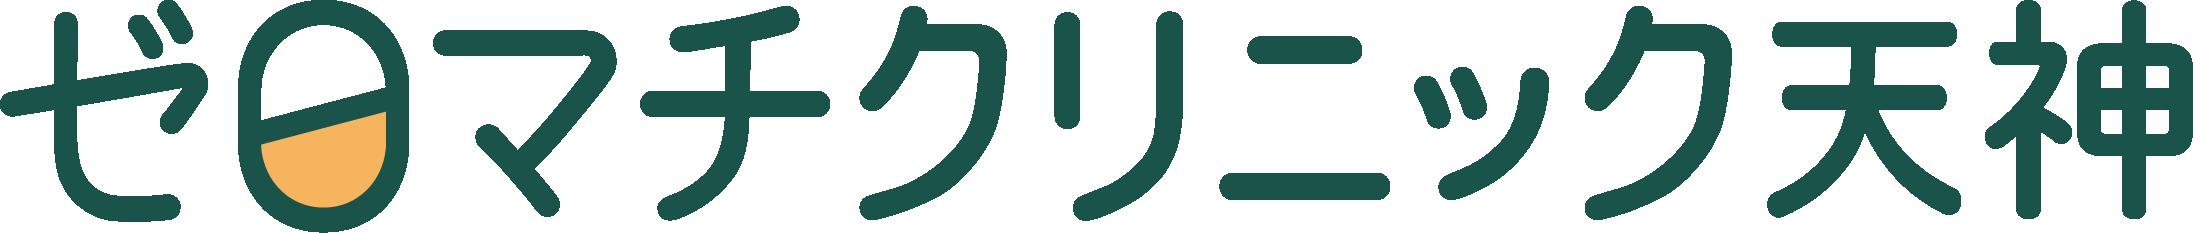 ロゴの画像